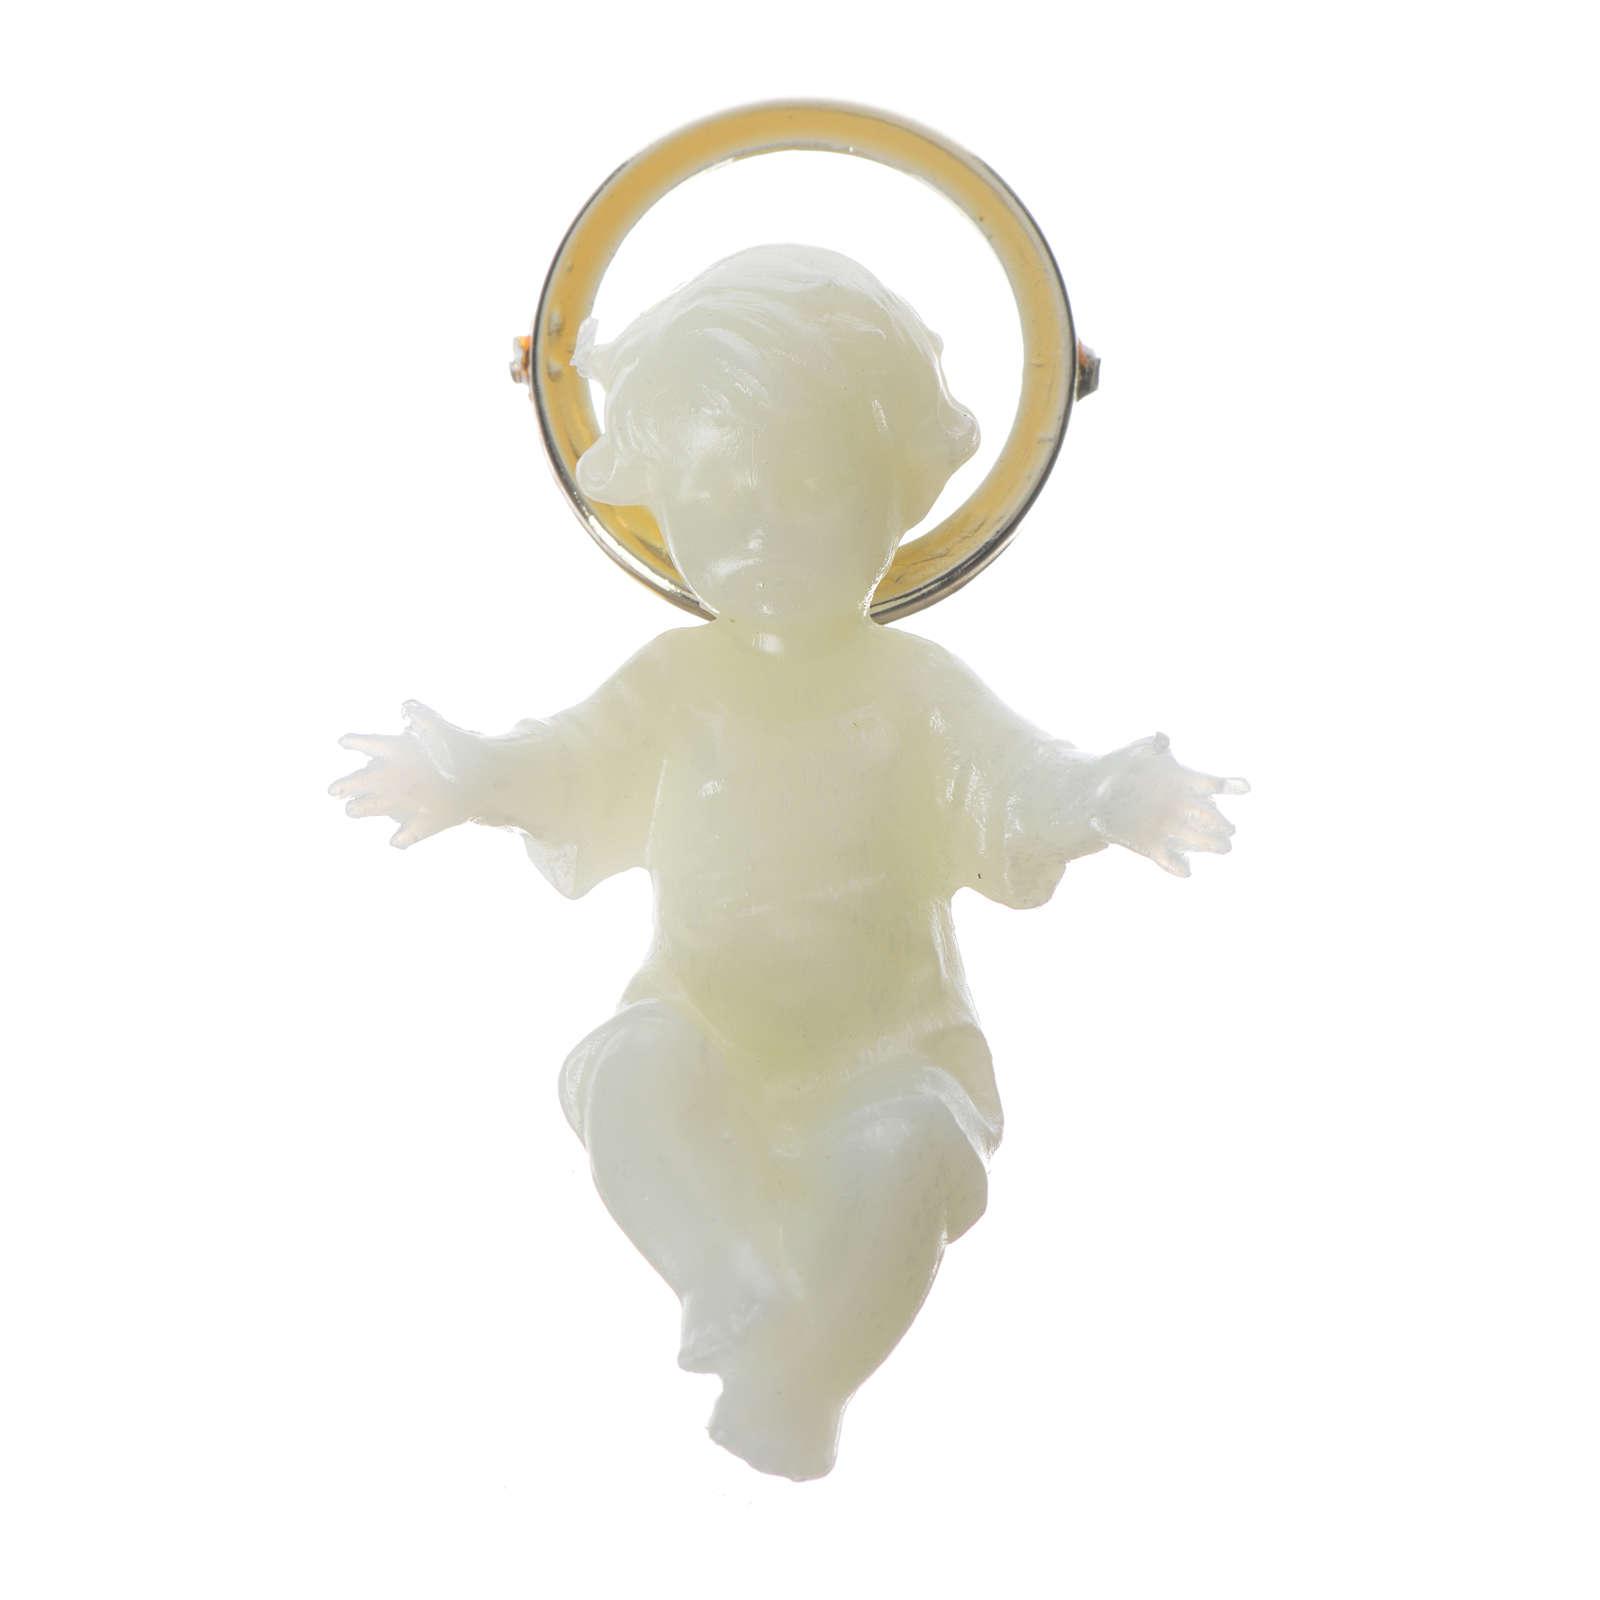 Fluoriszierendes Christkind goldenen Heiligenschein 5cm 3